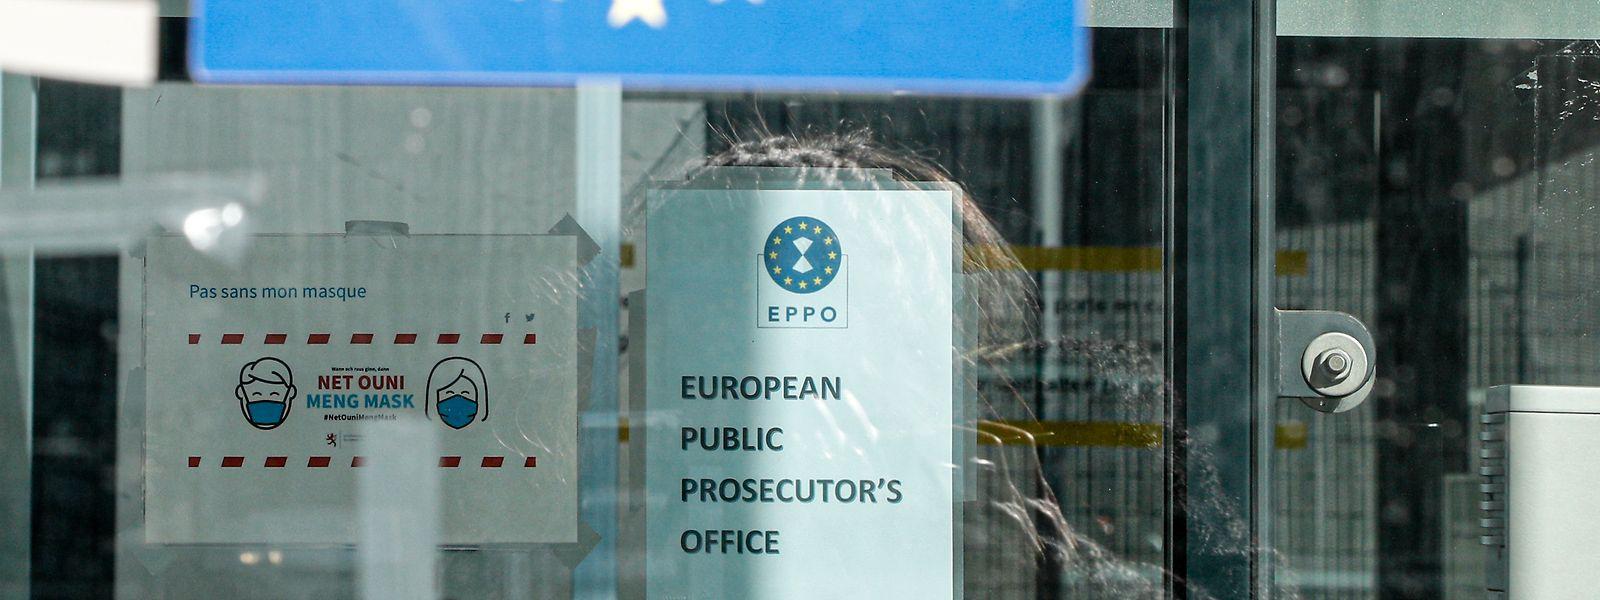 Sur les 22 Etats membres participant au parquet européen, seuls sept disposent d'au moins un procureur délégué. Huit Etats, dont le Luxembourg, n'ont proposé aucun candidat à ce jour.